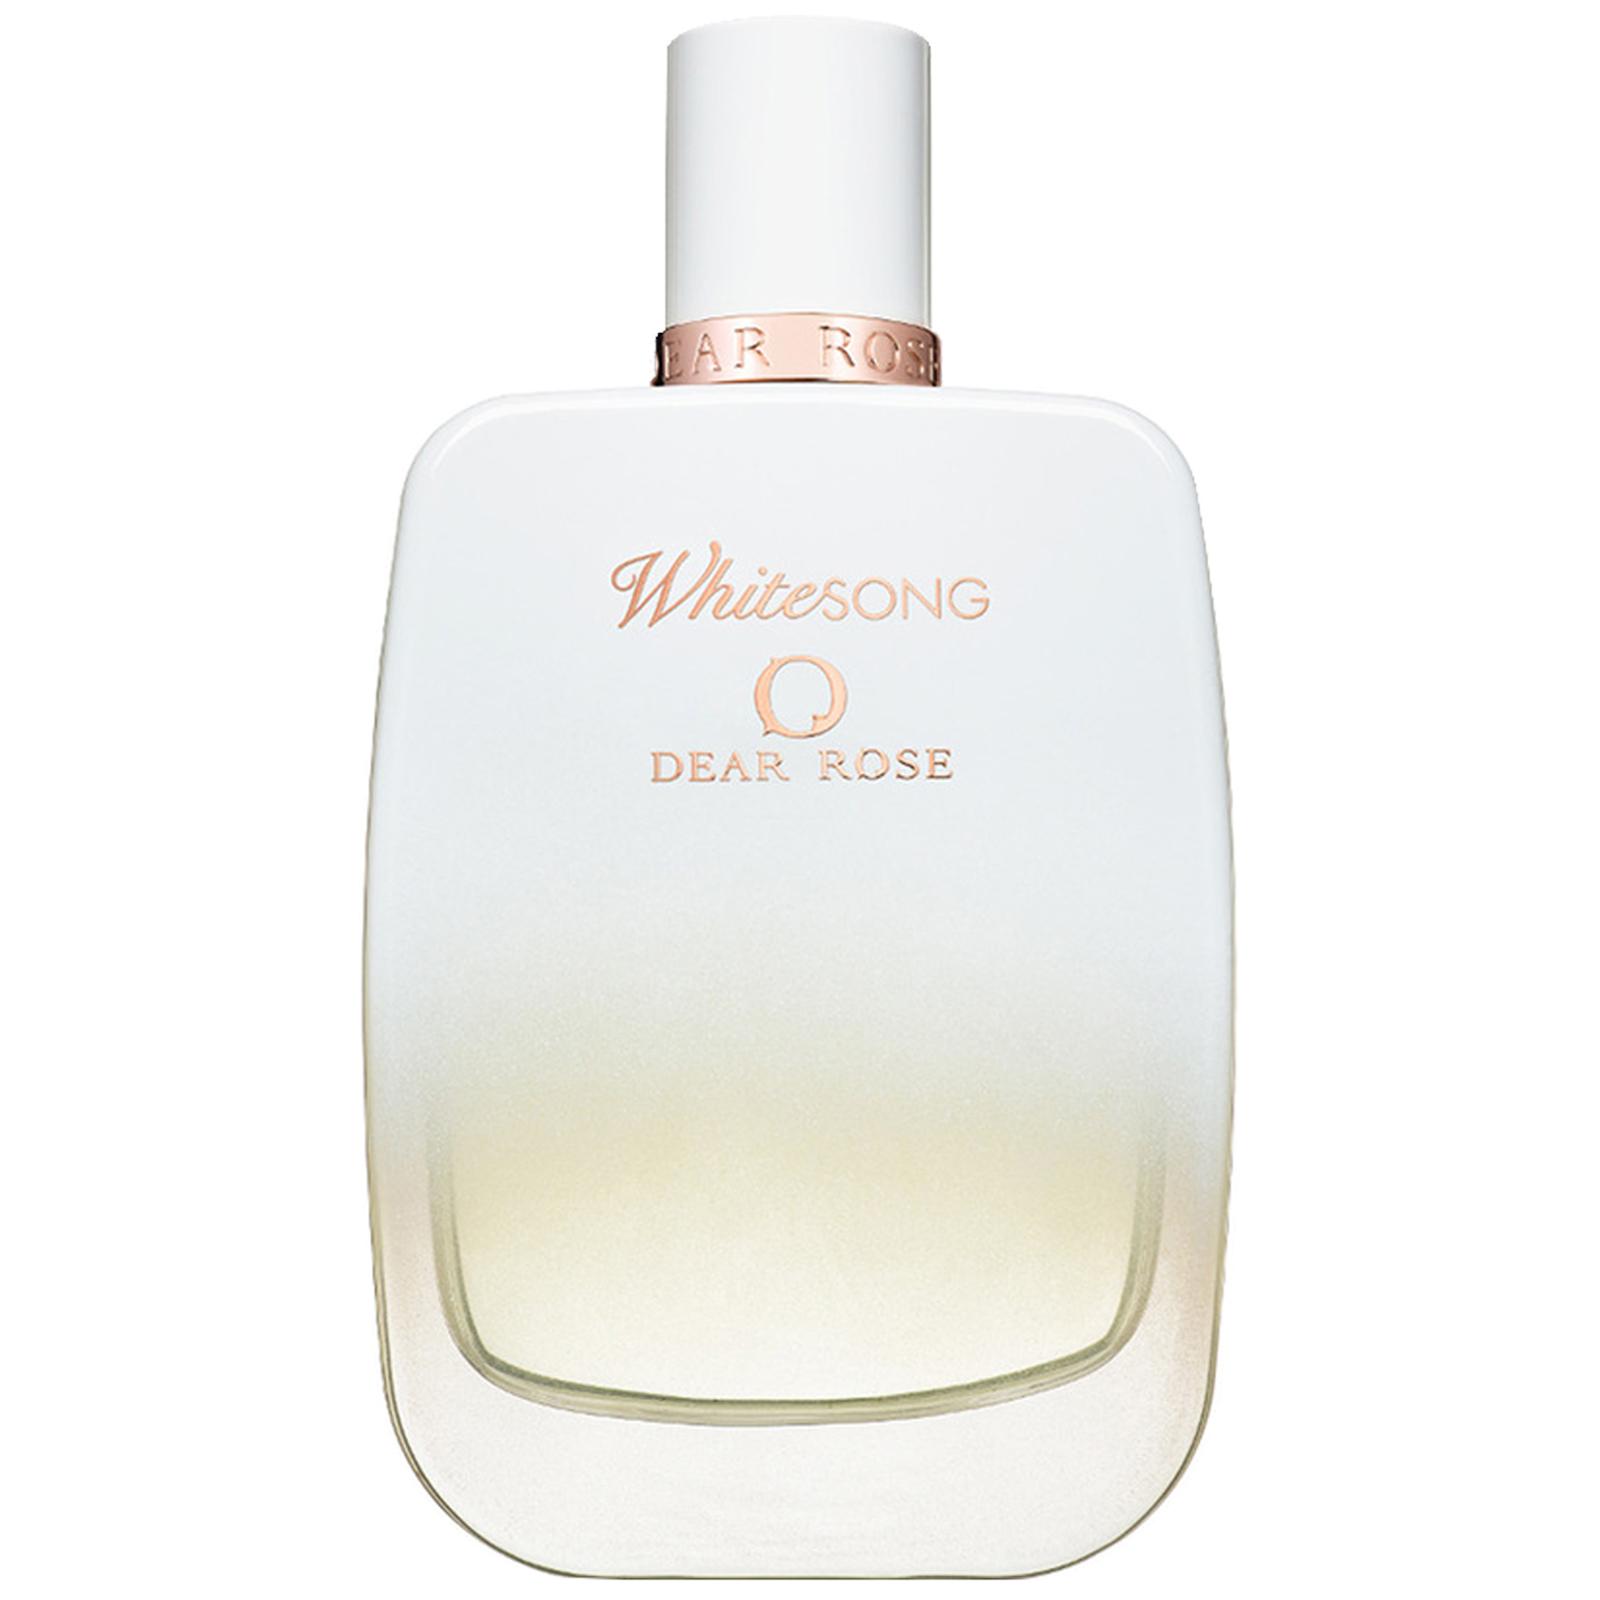 White song profumo eau de parfum 100 ml